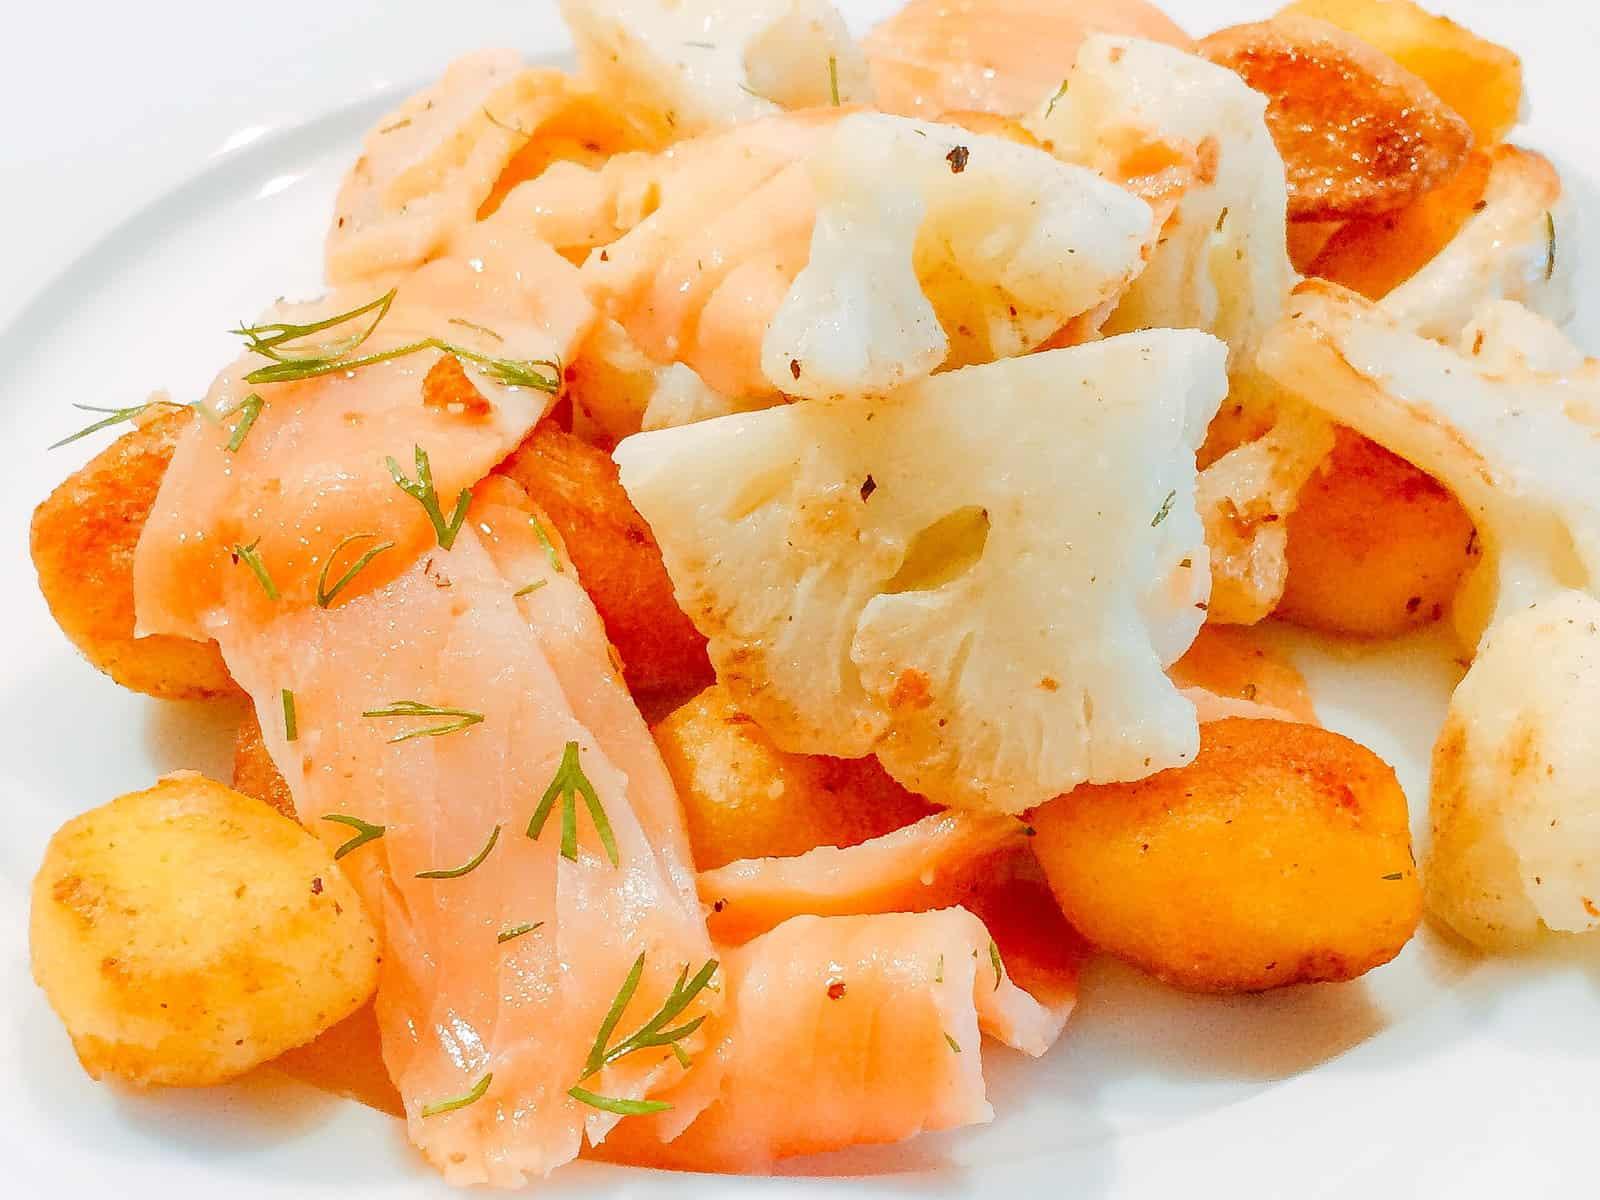 gebratene Kartoffeln mit Blumenkohl und Räucherlachs